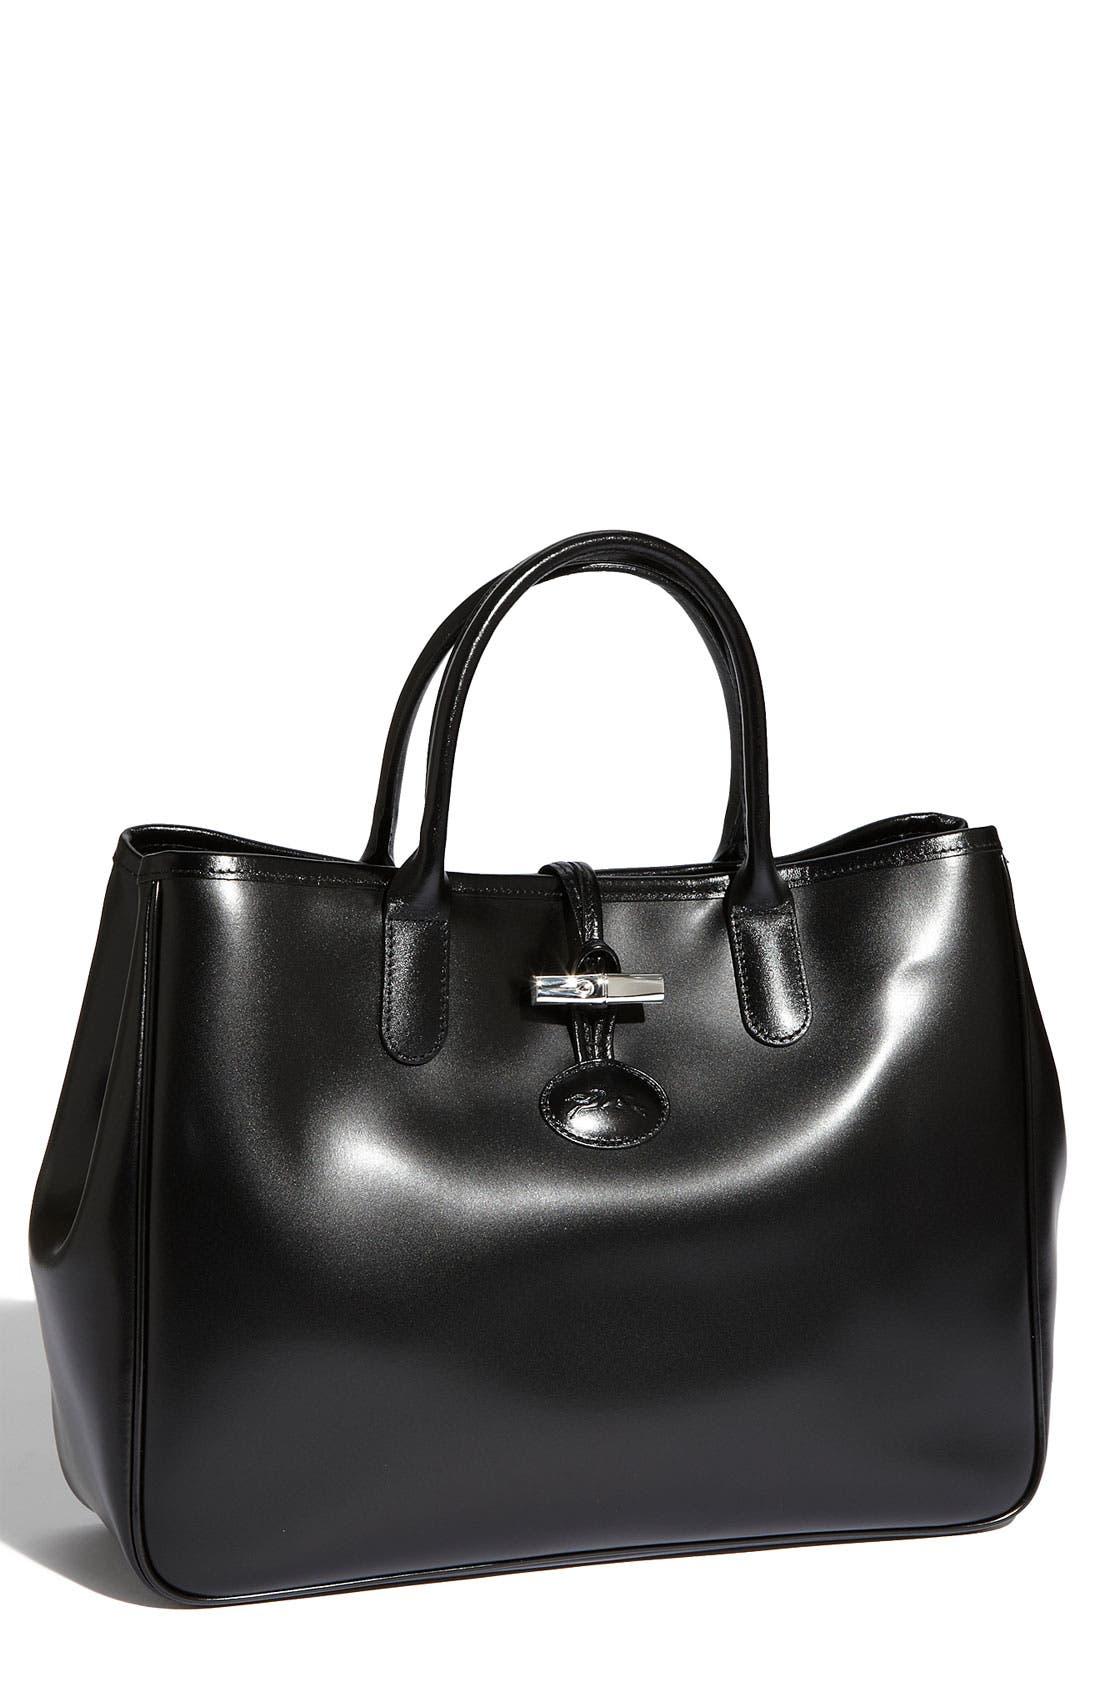 Alternate Image 1 Selected - Longchamp 'Roseau' Tote